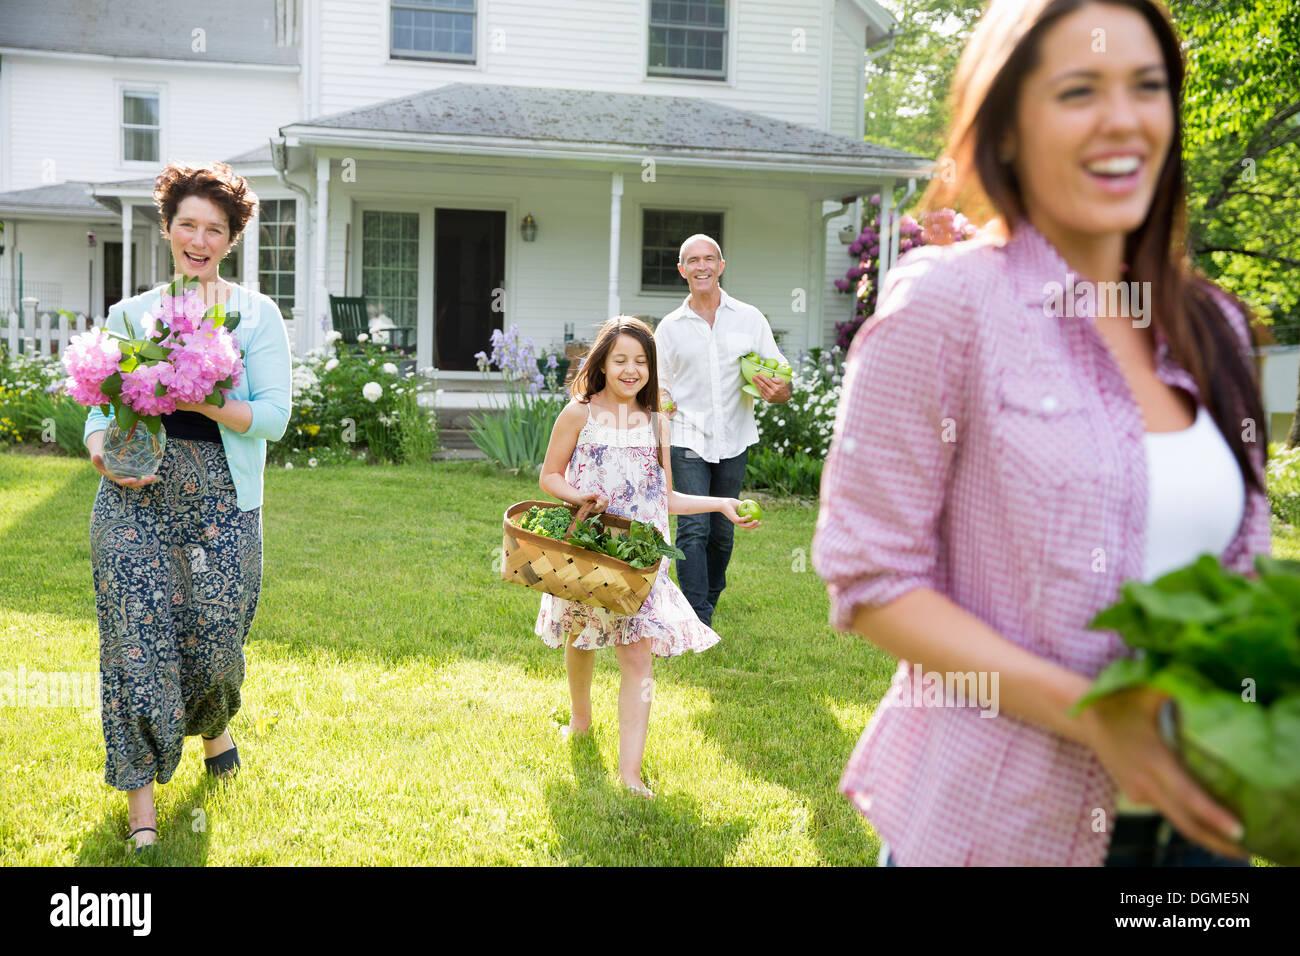 Festa di famiglia. I genitori e i bambini che trasportano fiori freschi raccolti di frutta e verdura. Per preparare a parte. Immagini Stock